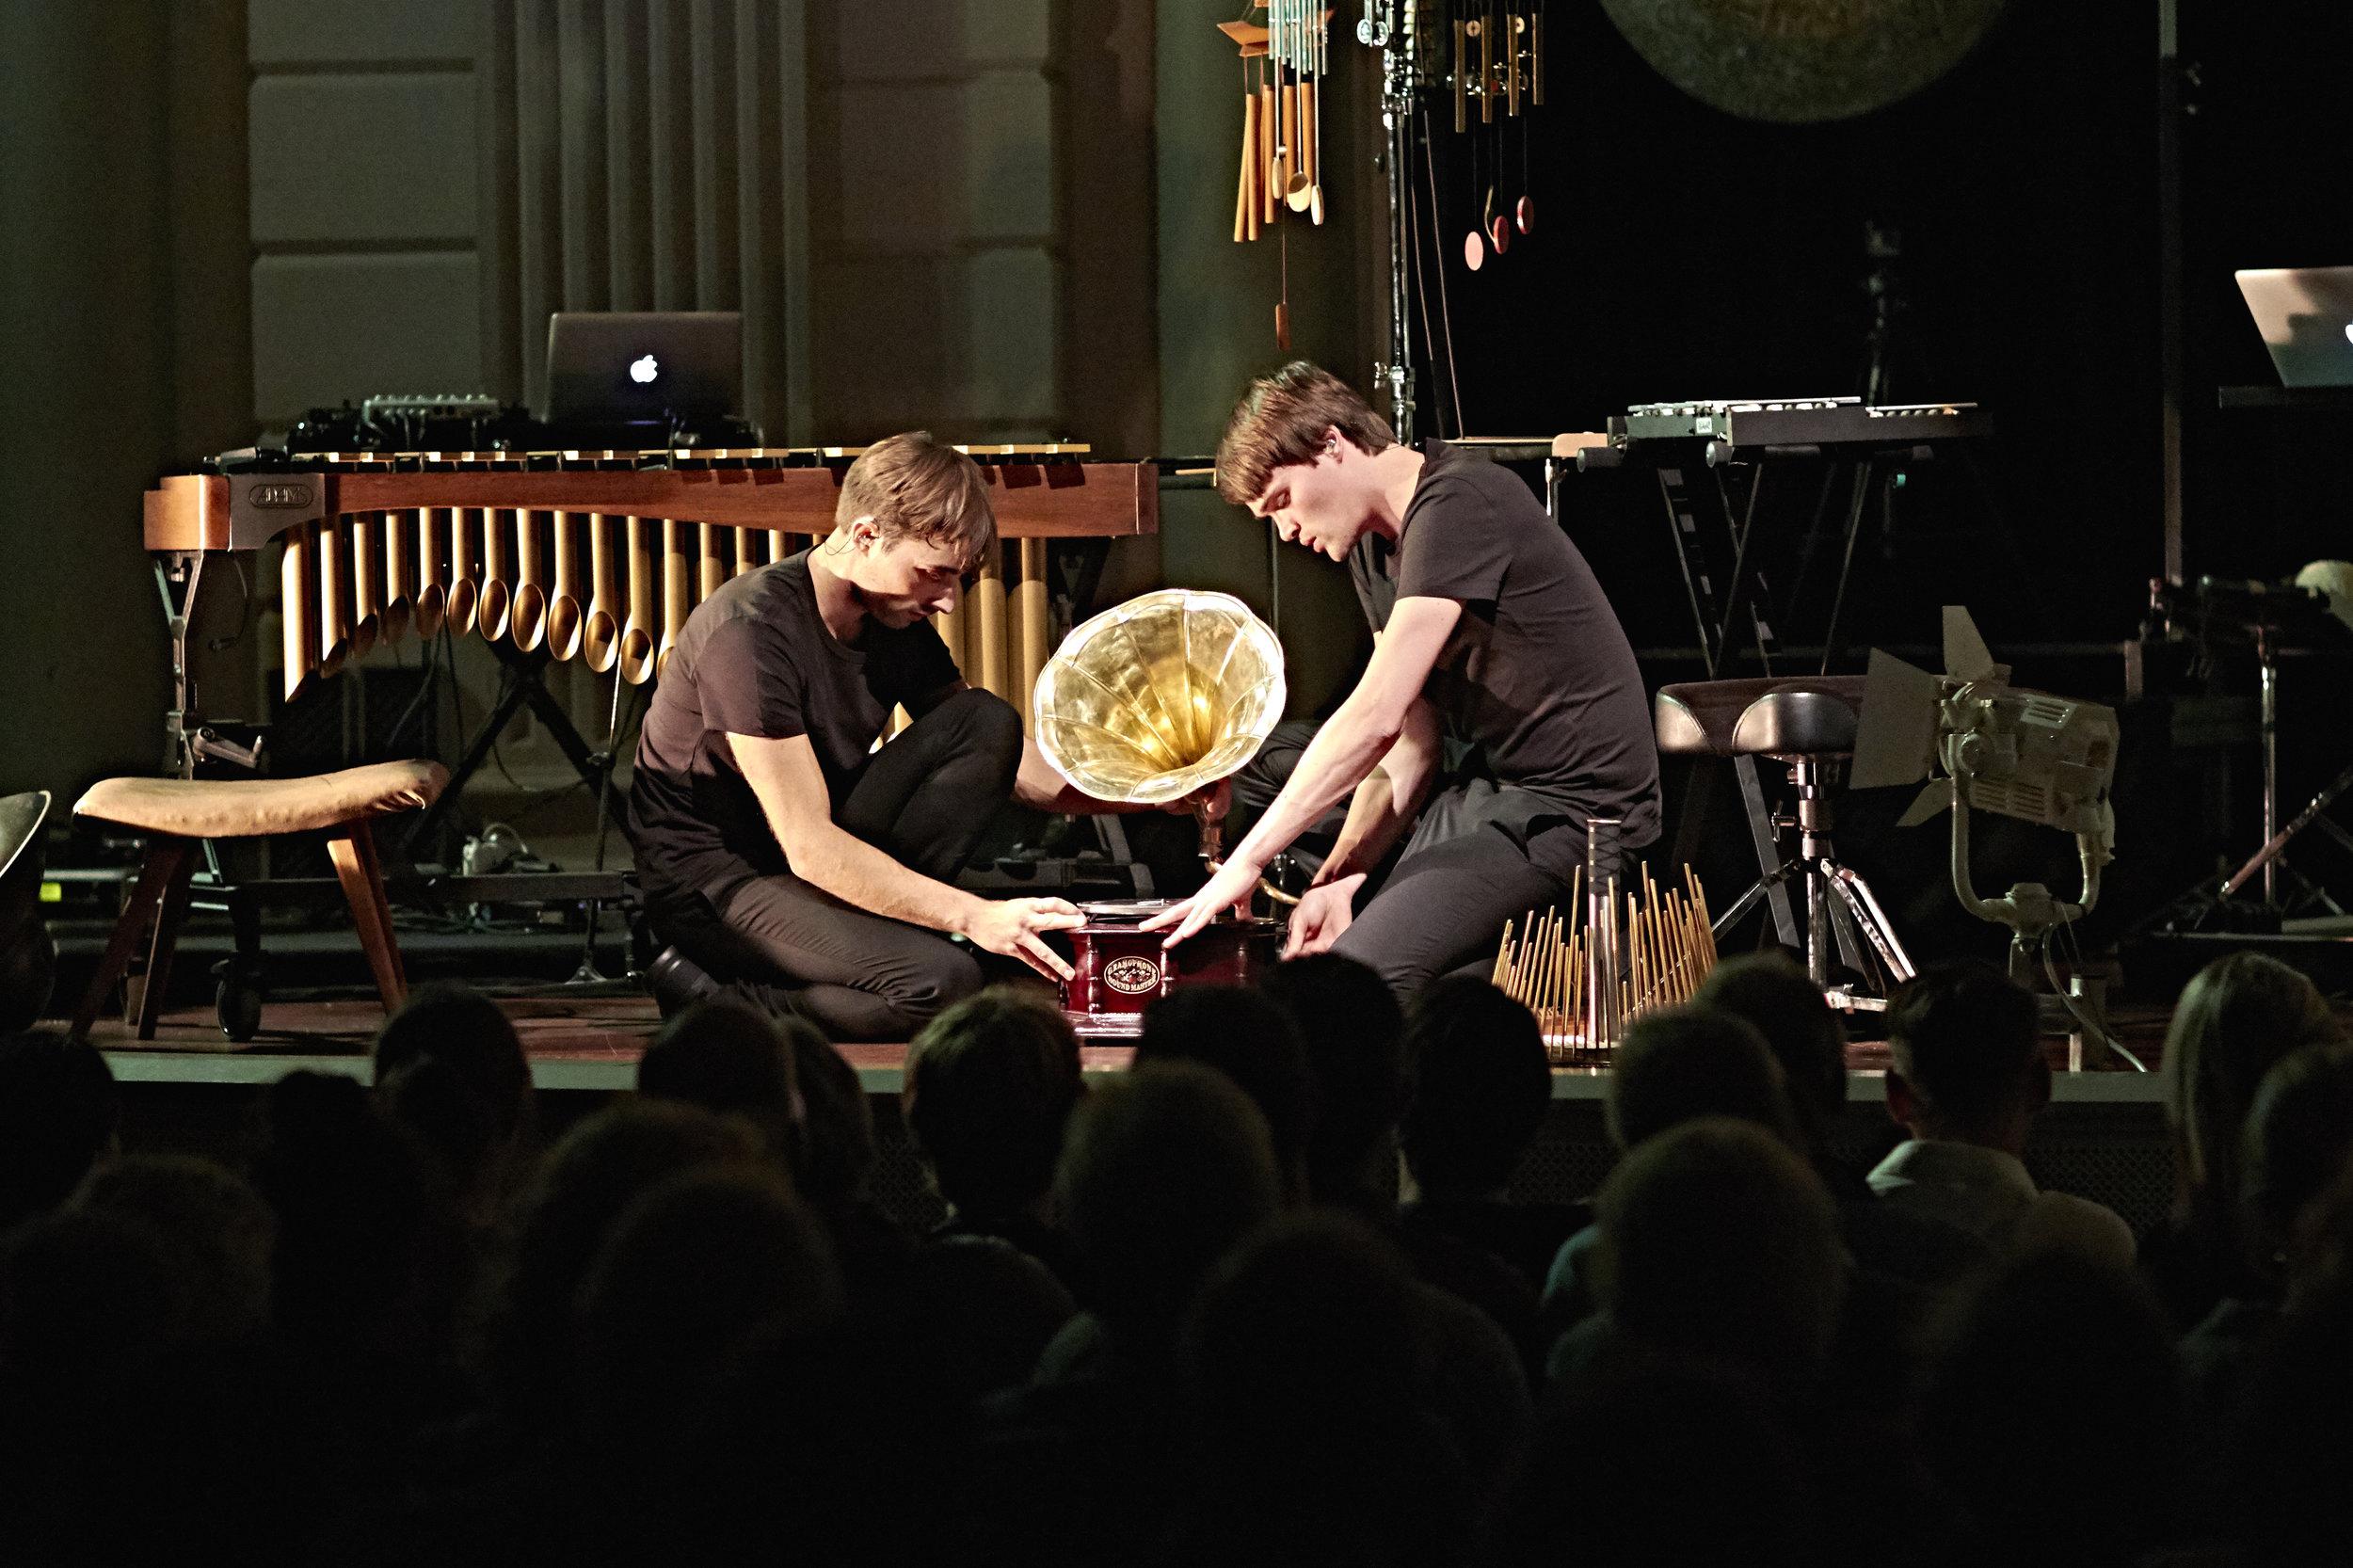 Playground @ Concertgebouw Amsterdam - Duo Version